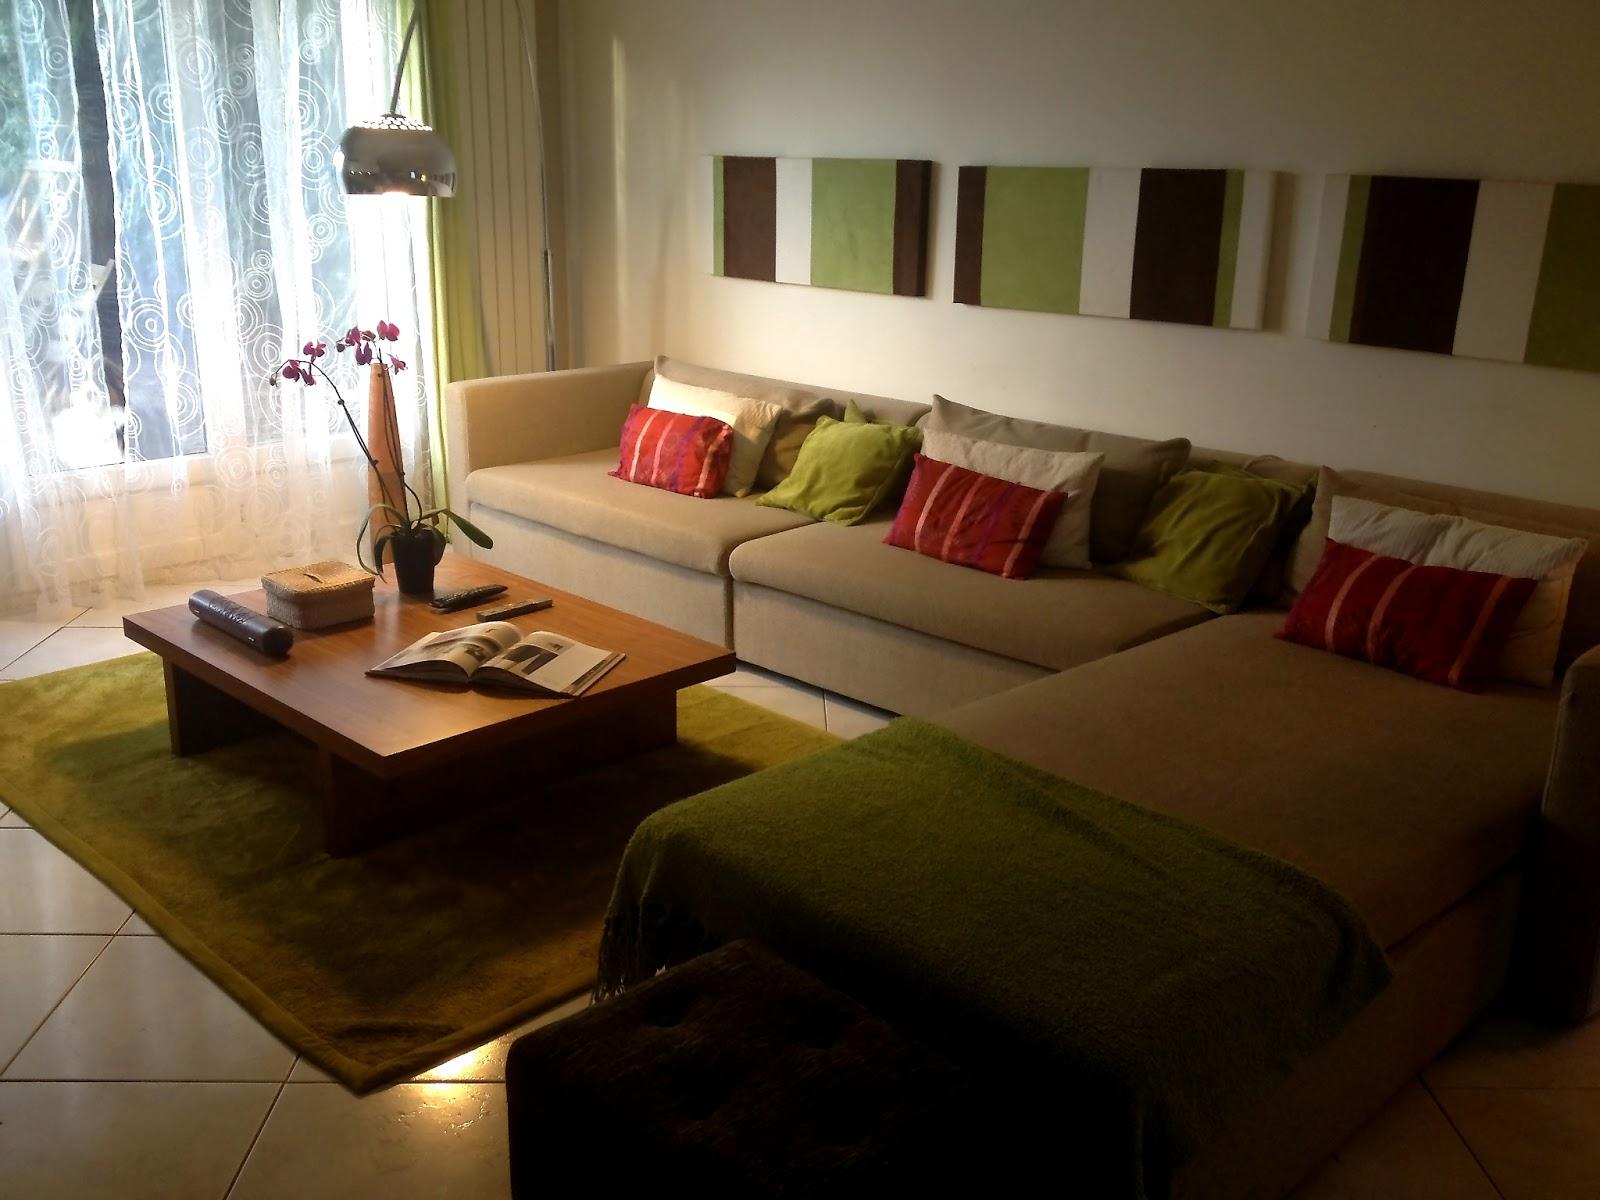 dressing sous pente avec rideaux et autres d co histoire de salon. Black Bedroom Furniture Sets. Home Design Ideas